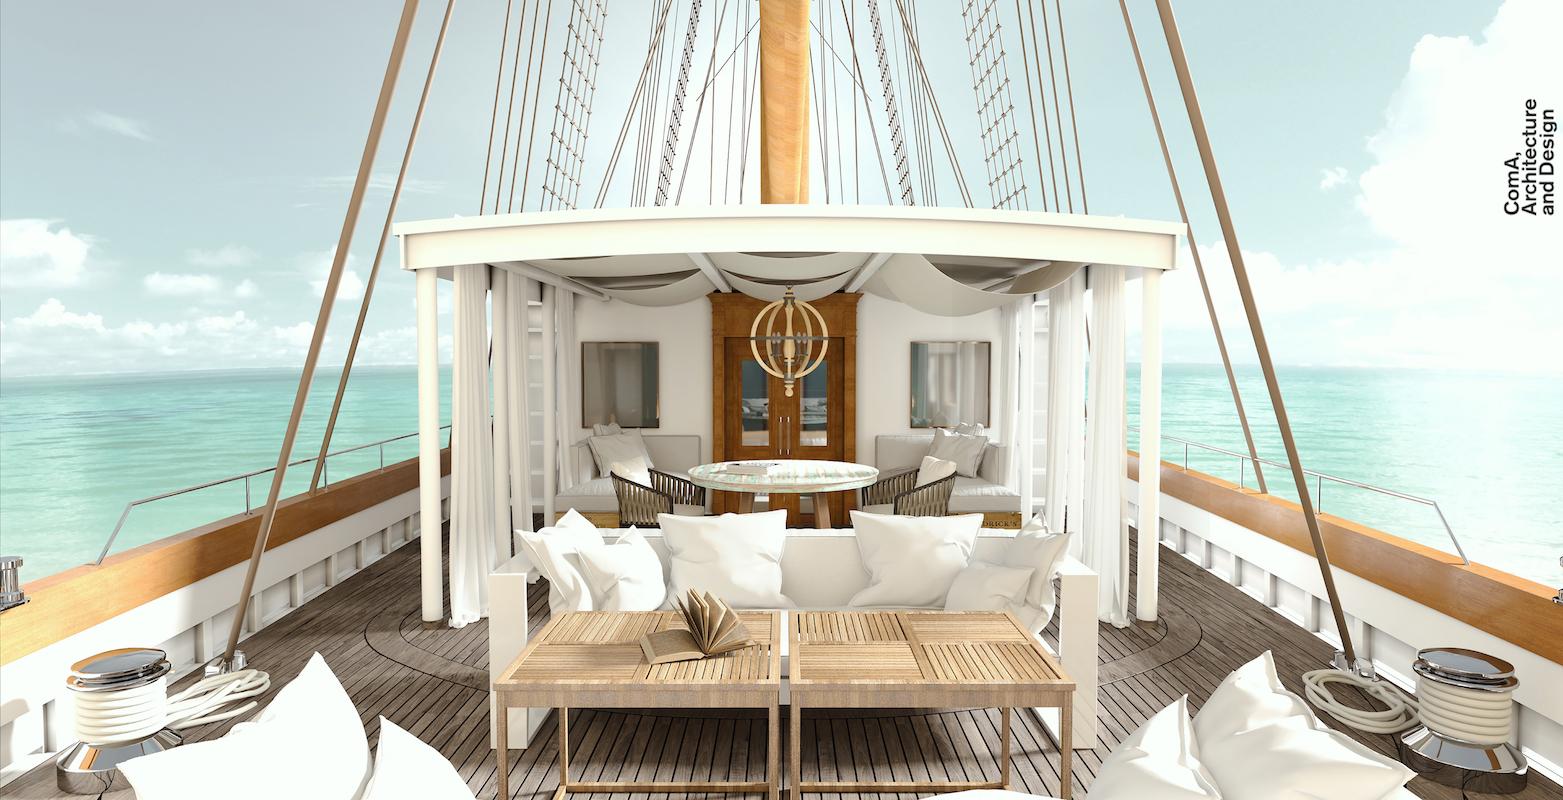 UIY_Alexa-J Boat_Deck.jpg